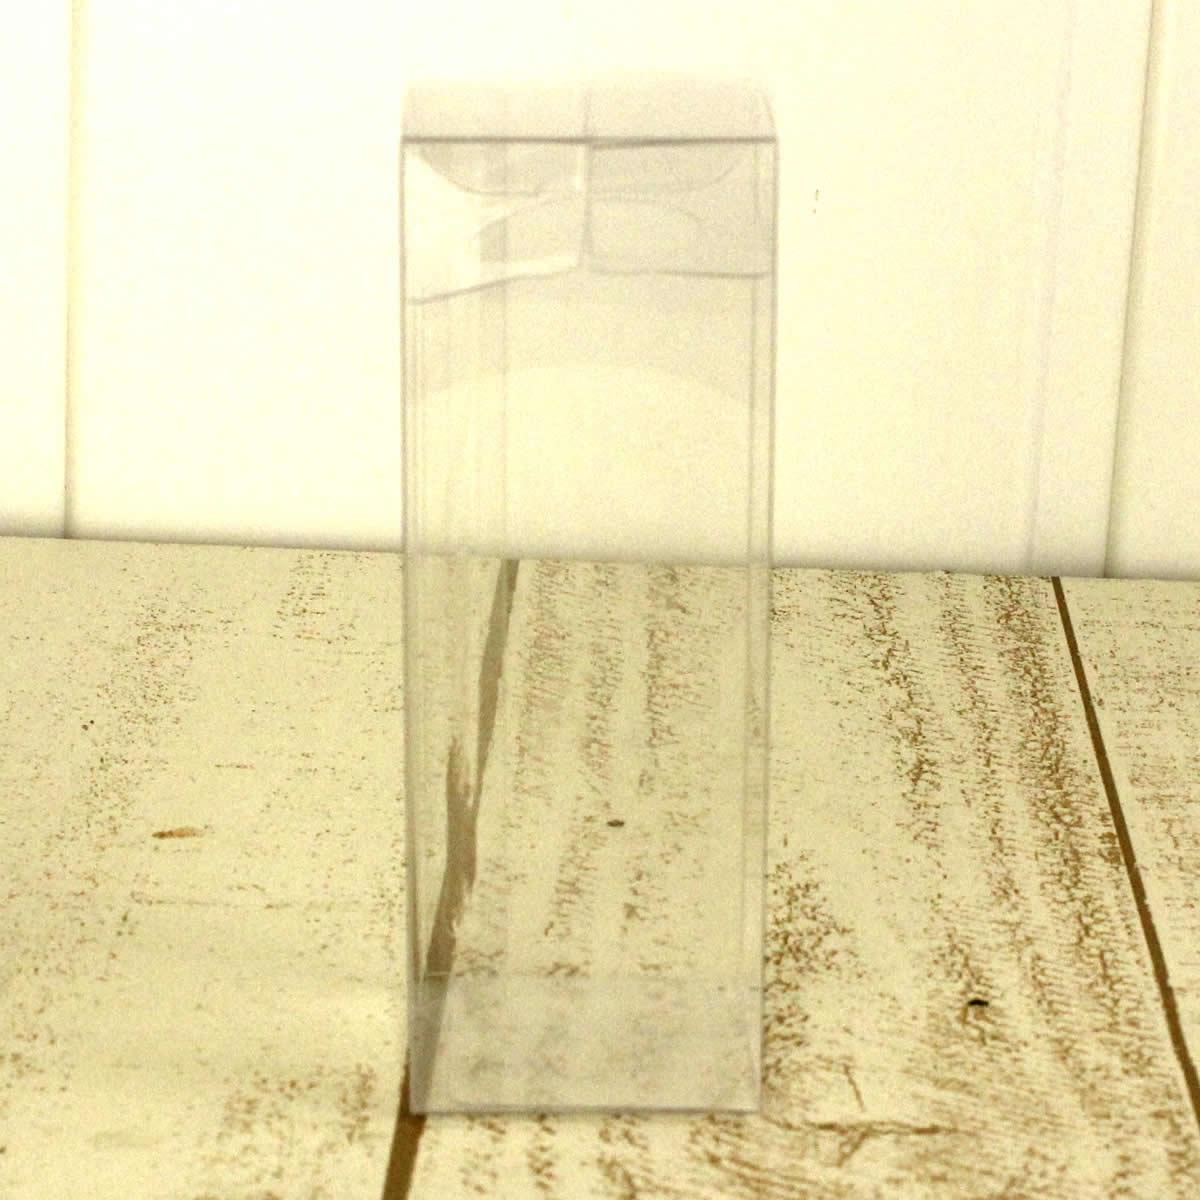 即日★クリアケース ハーバリウム100ml用(角瓶・丸瓶兼用)(はなどんやオリジナル)【00】[10枚]《花資材・道具 ハーバリウム材料 ハーバリウム オイル》